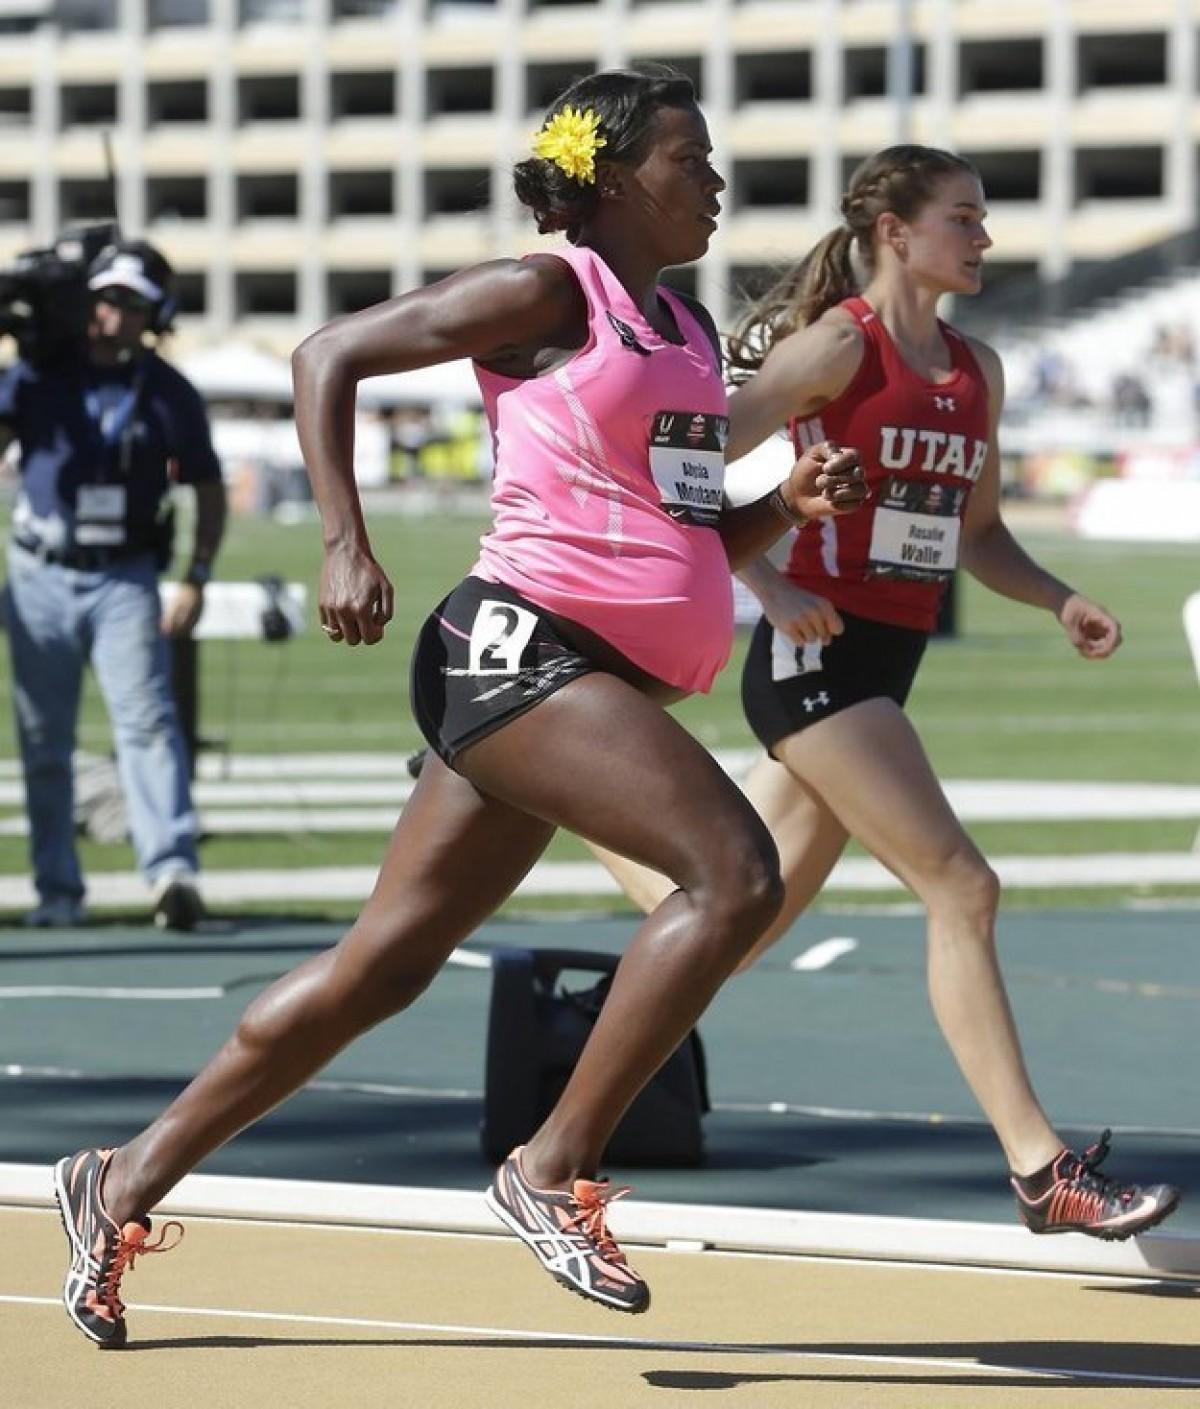 Έγκυος κι όμως τρέχει σε αγώνα 800 μέτρων